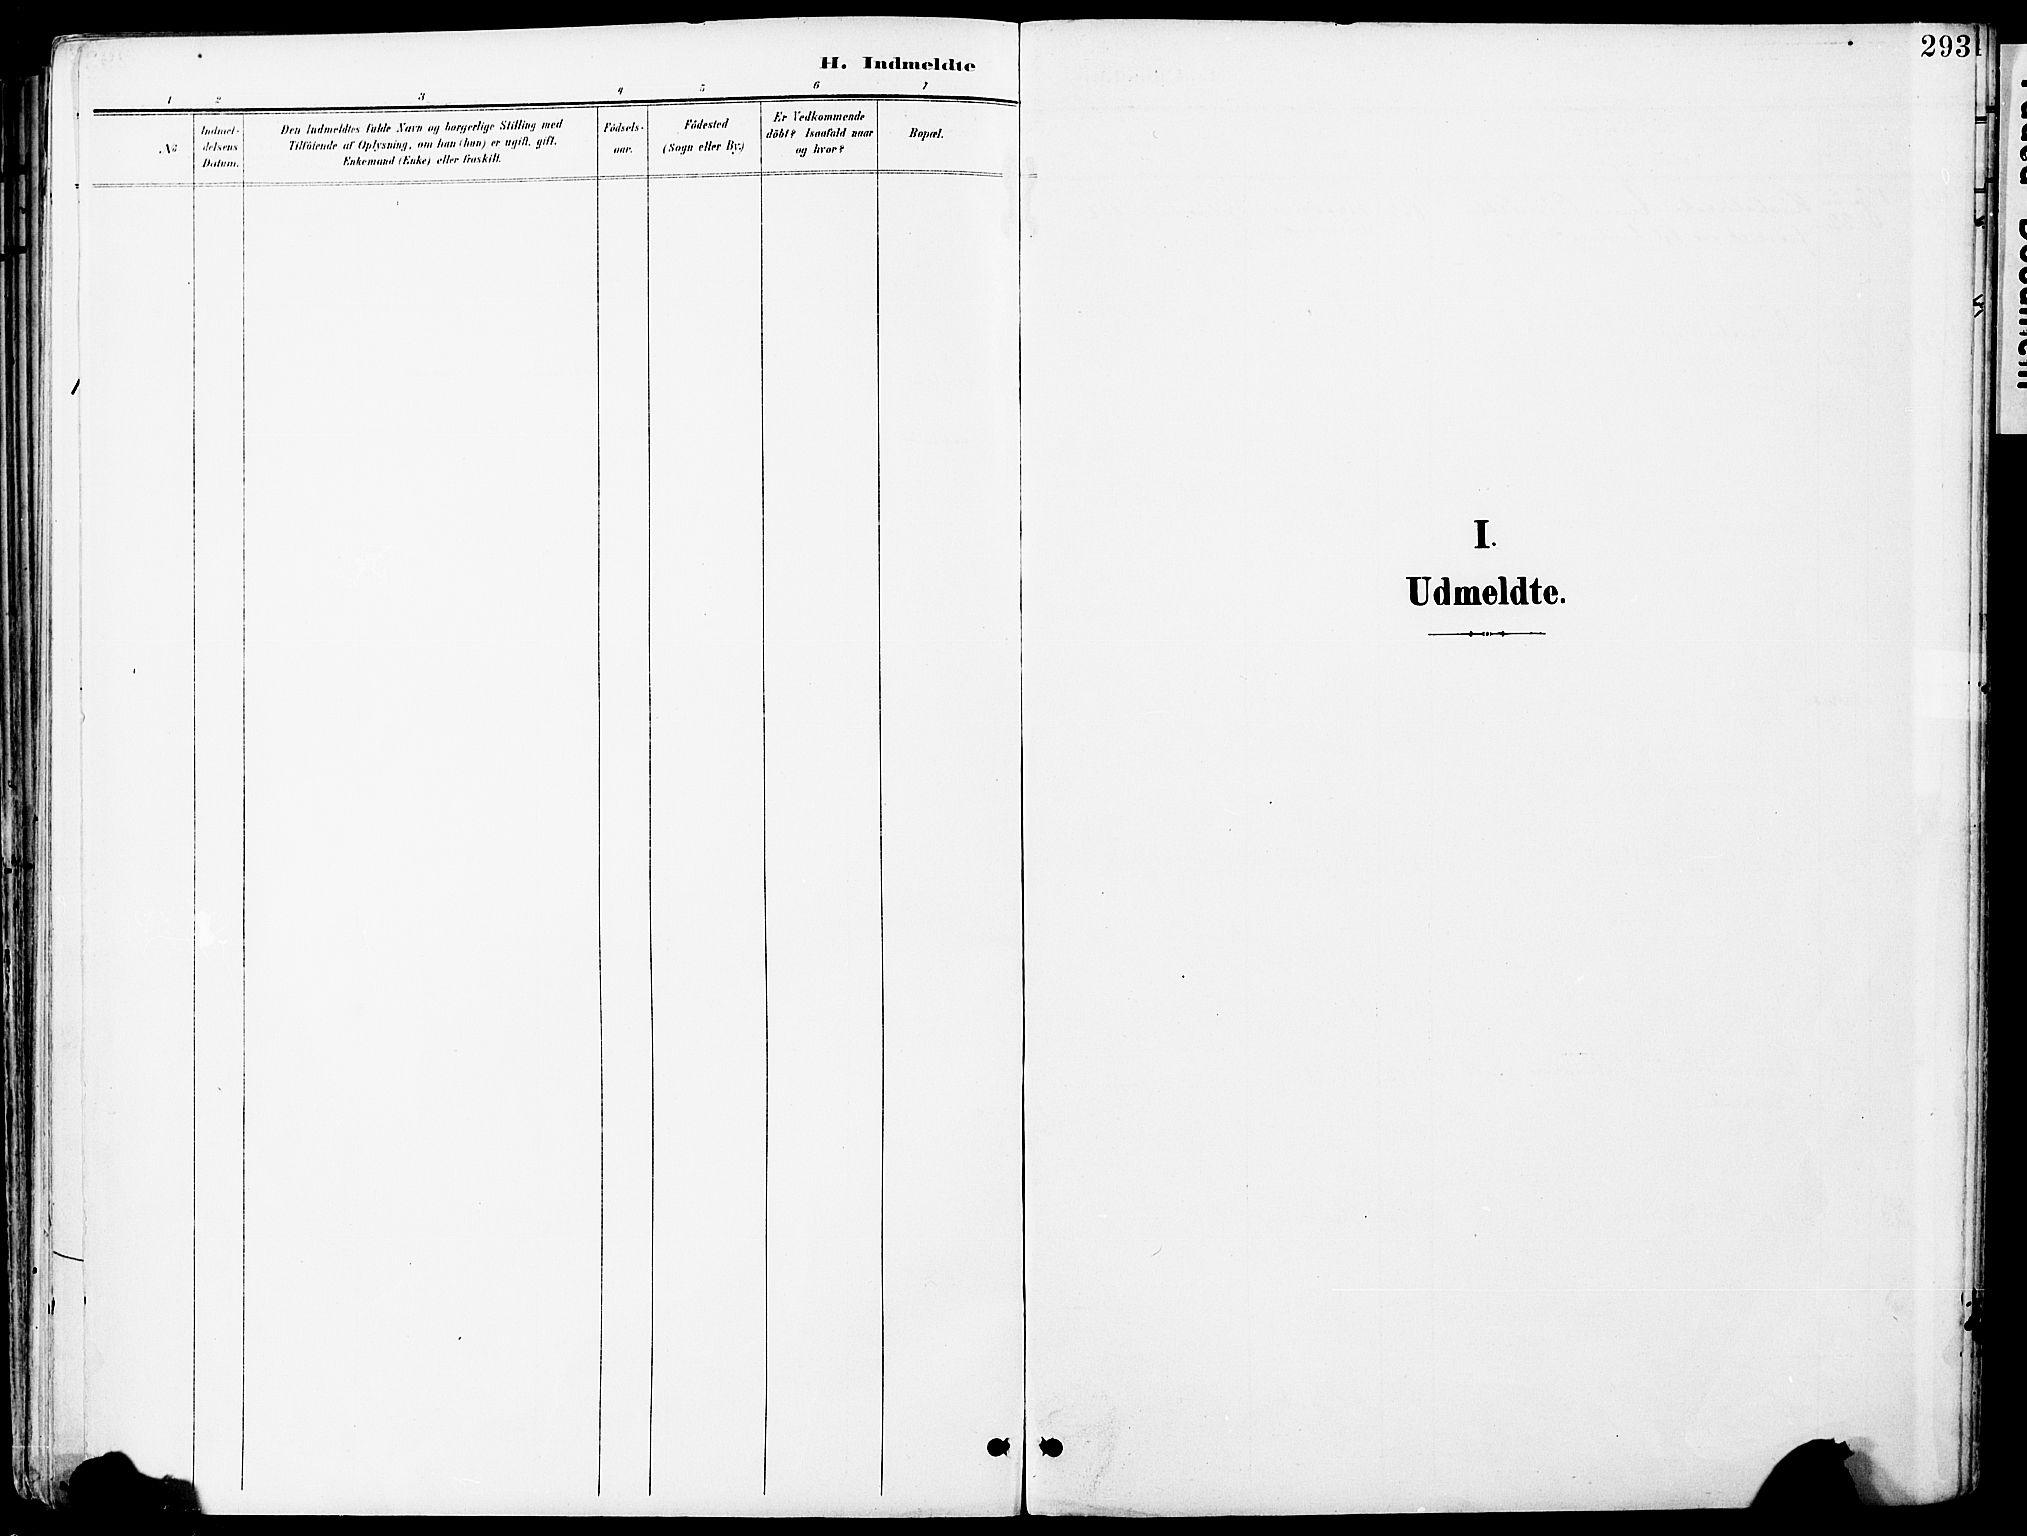 SAO, Vestby prestekontor Kirkebøker, F/Fa/L0010: Ministerialbok nr. I 10, 1900-1926, s. 293